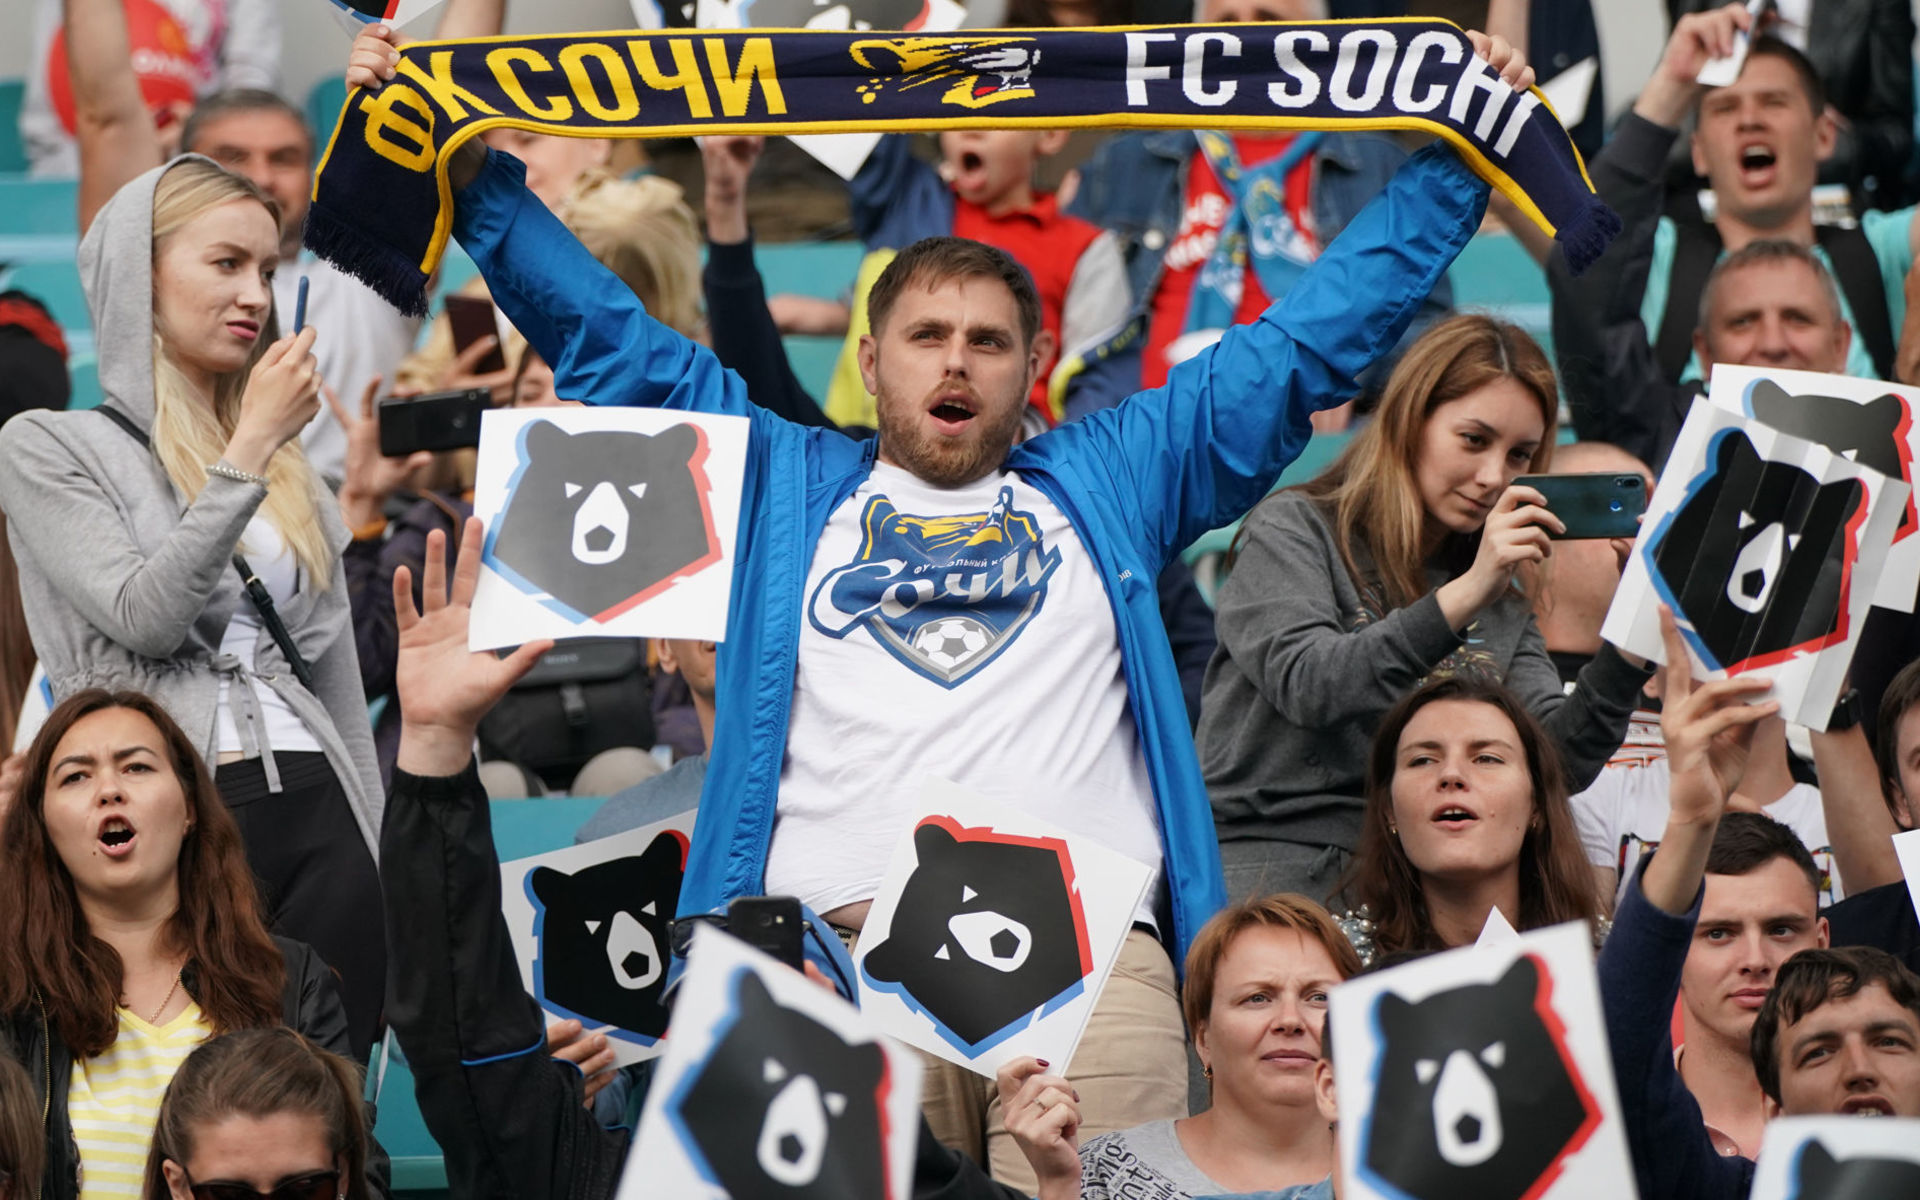 Болельщики ФК Сочи